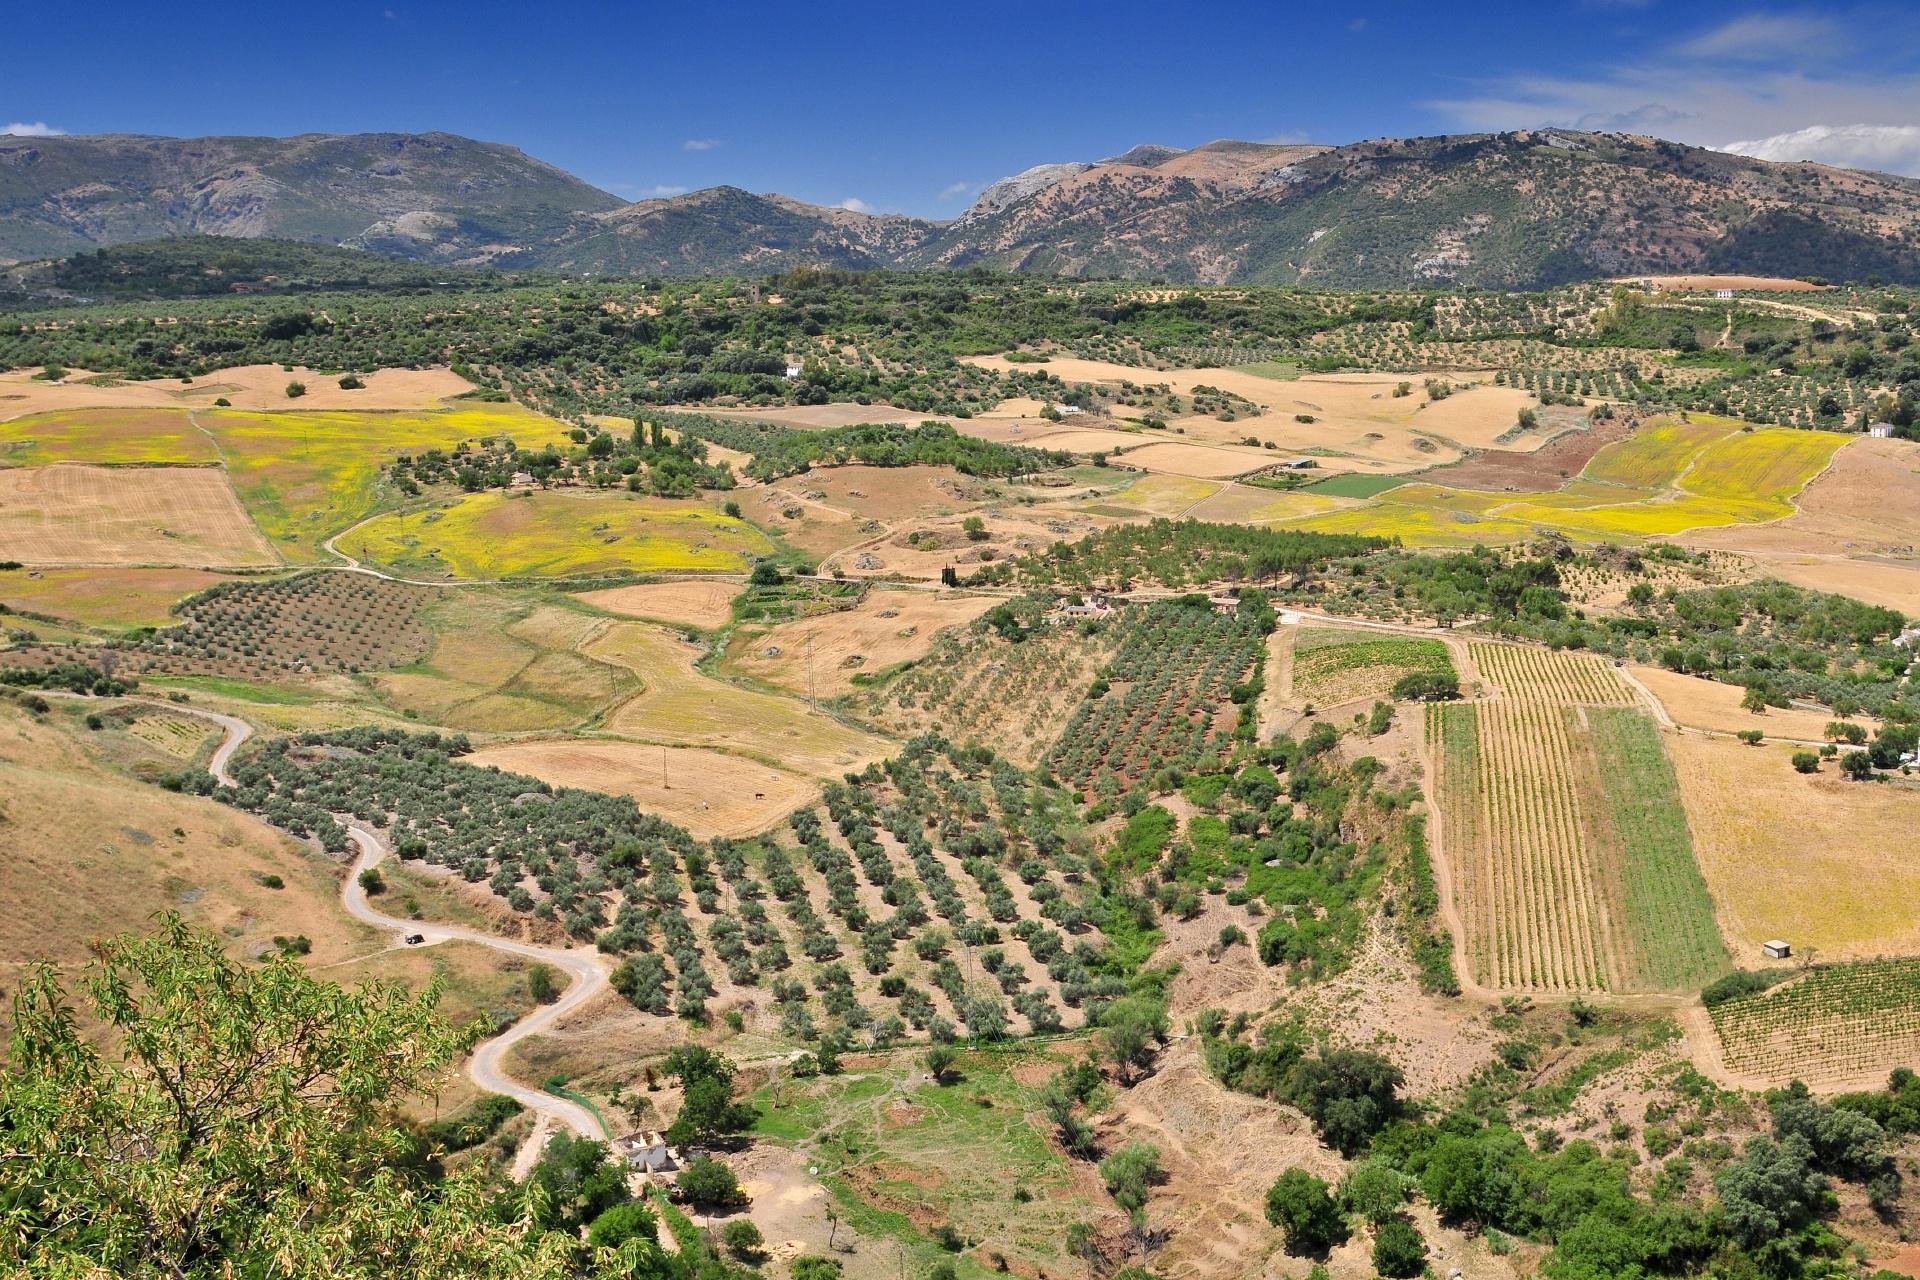 アンダルシアの風景 スペインの風景